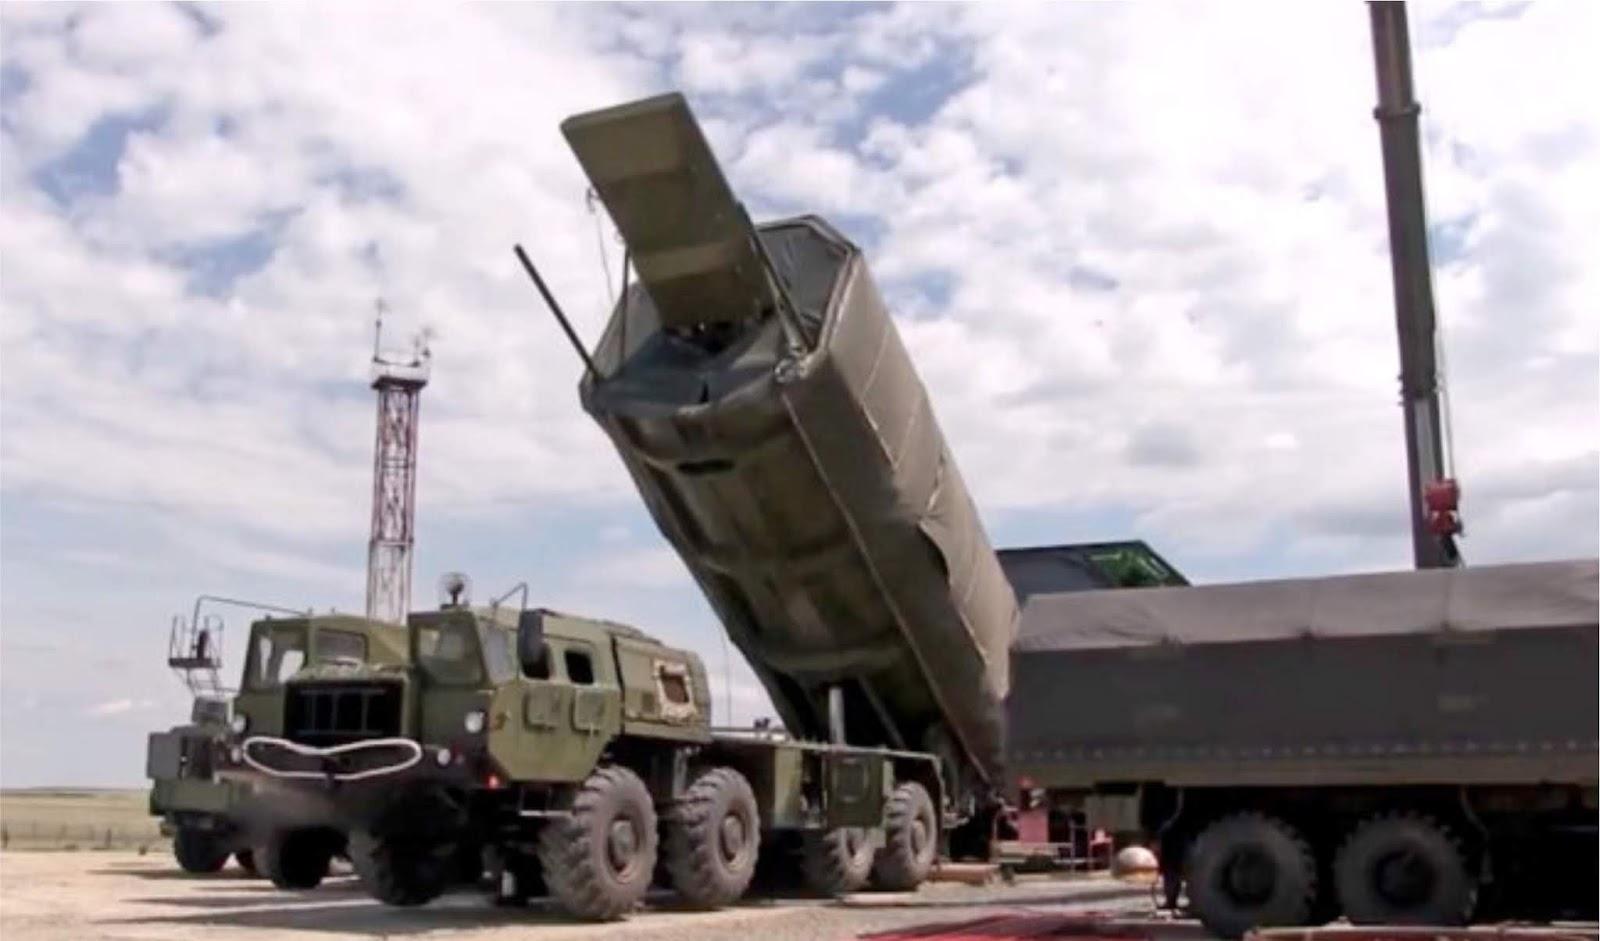 Komisi Negara Rusia merekomendasikan untuk mengadopsi sistem rudal Avangard